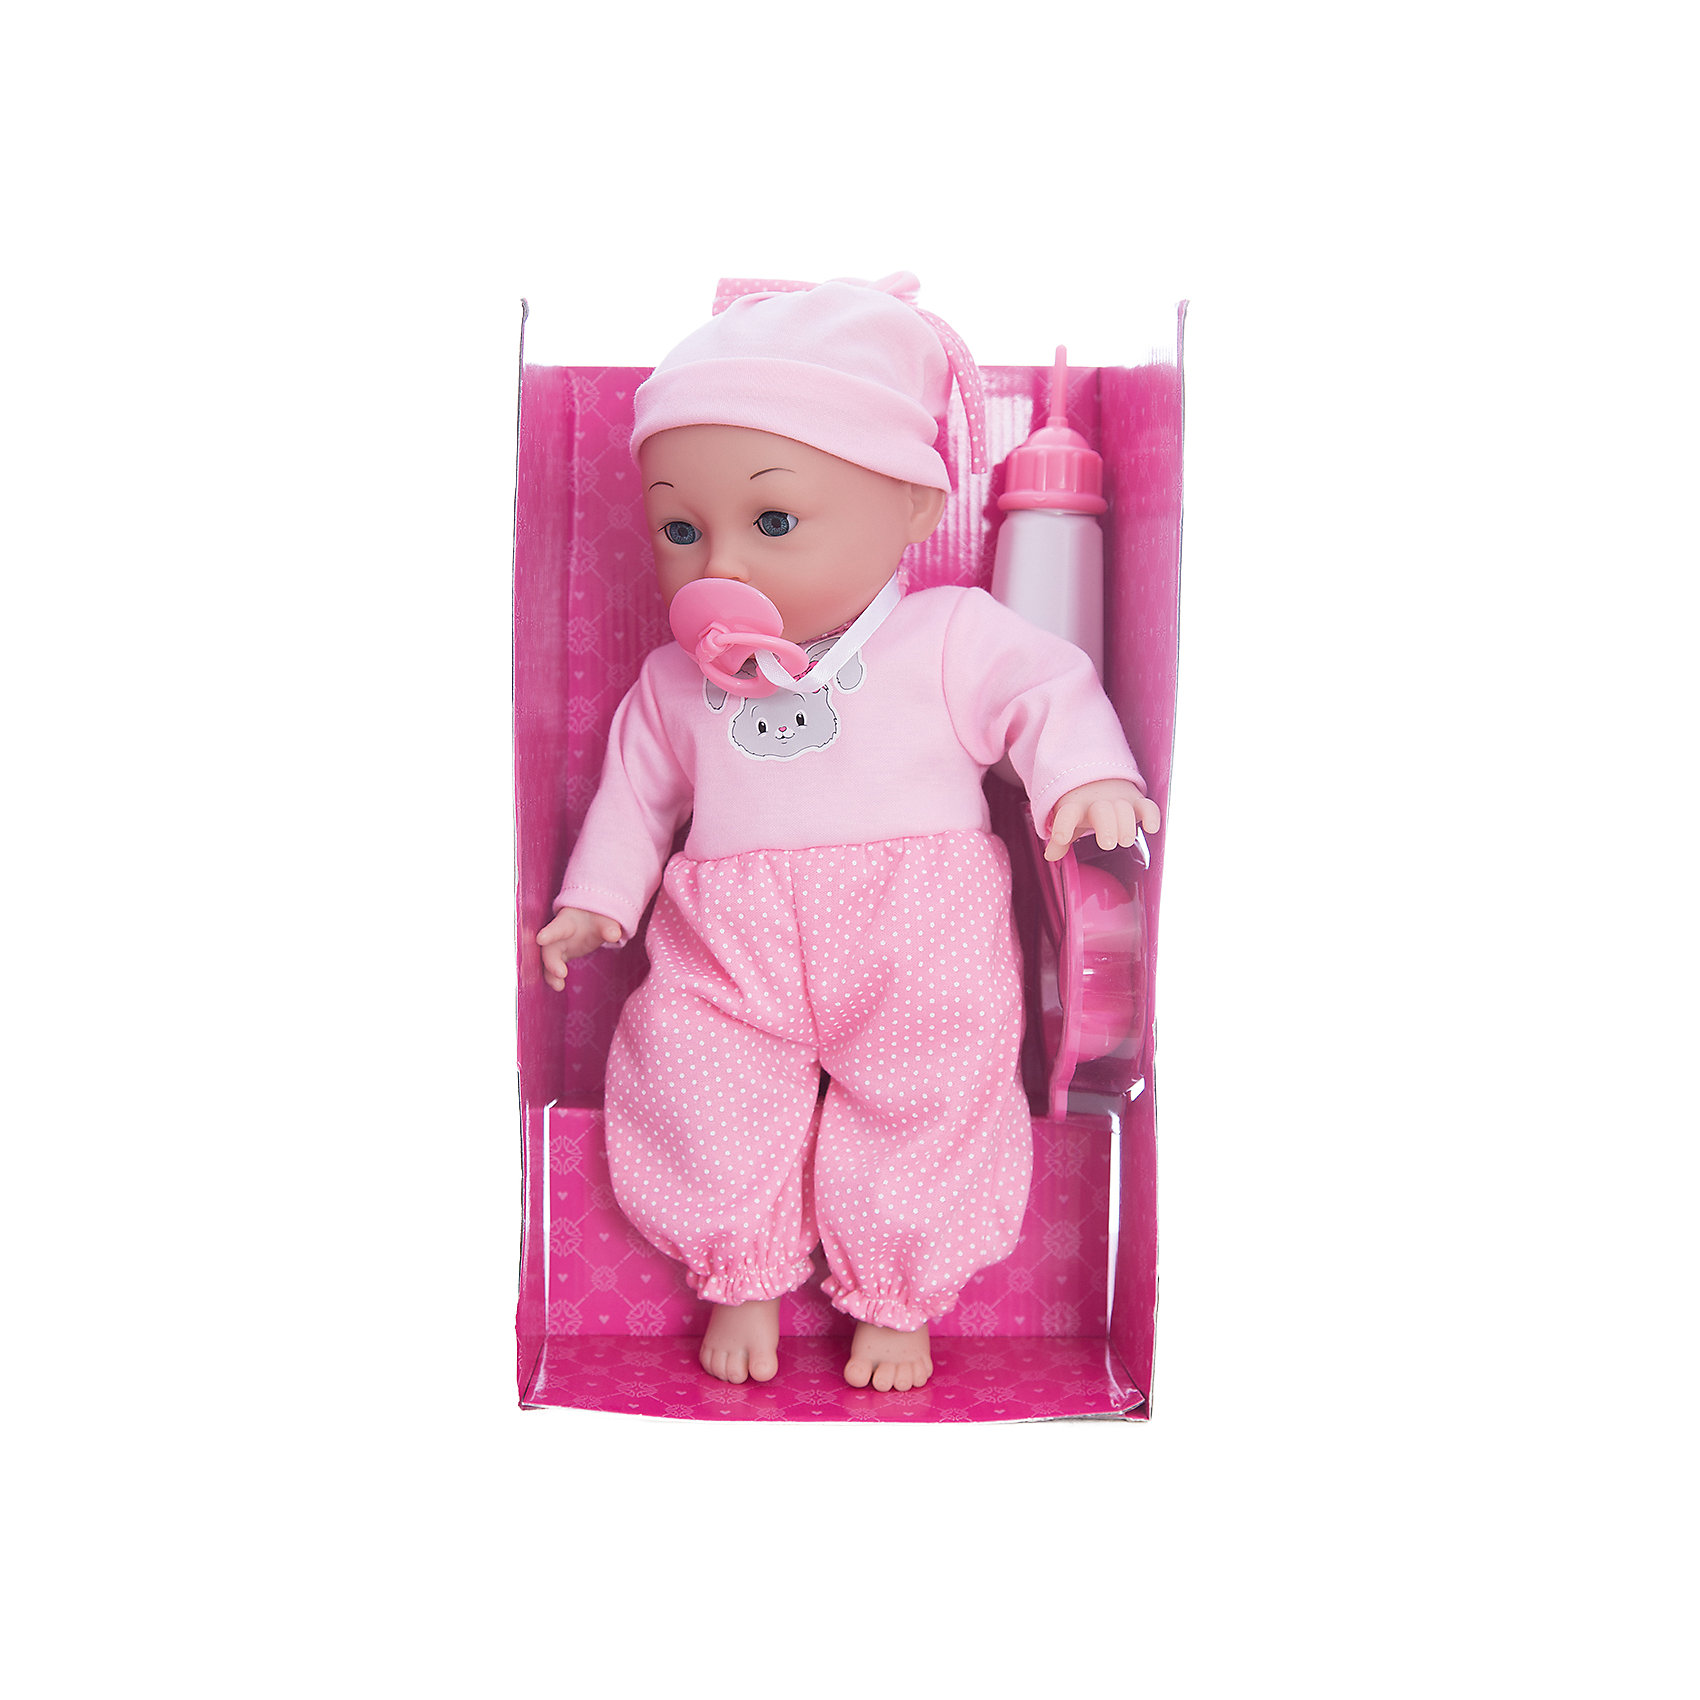 """Интерактивная кукла Катя """"Я нуждаюсь в твоей заботе"""", 40 см, Mary Poppins"""